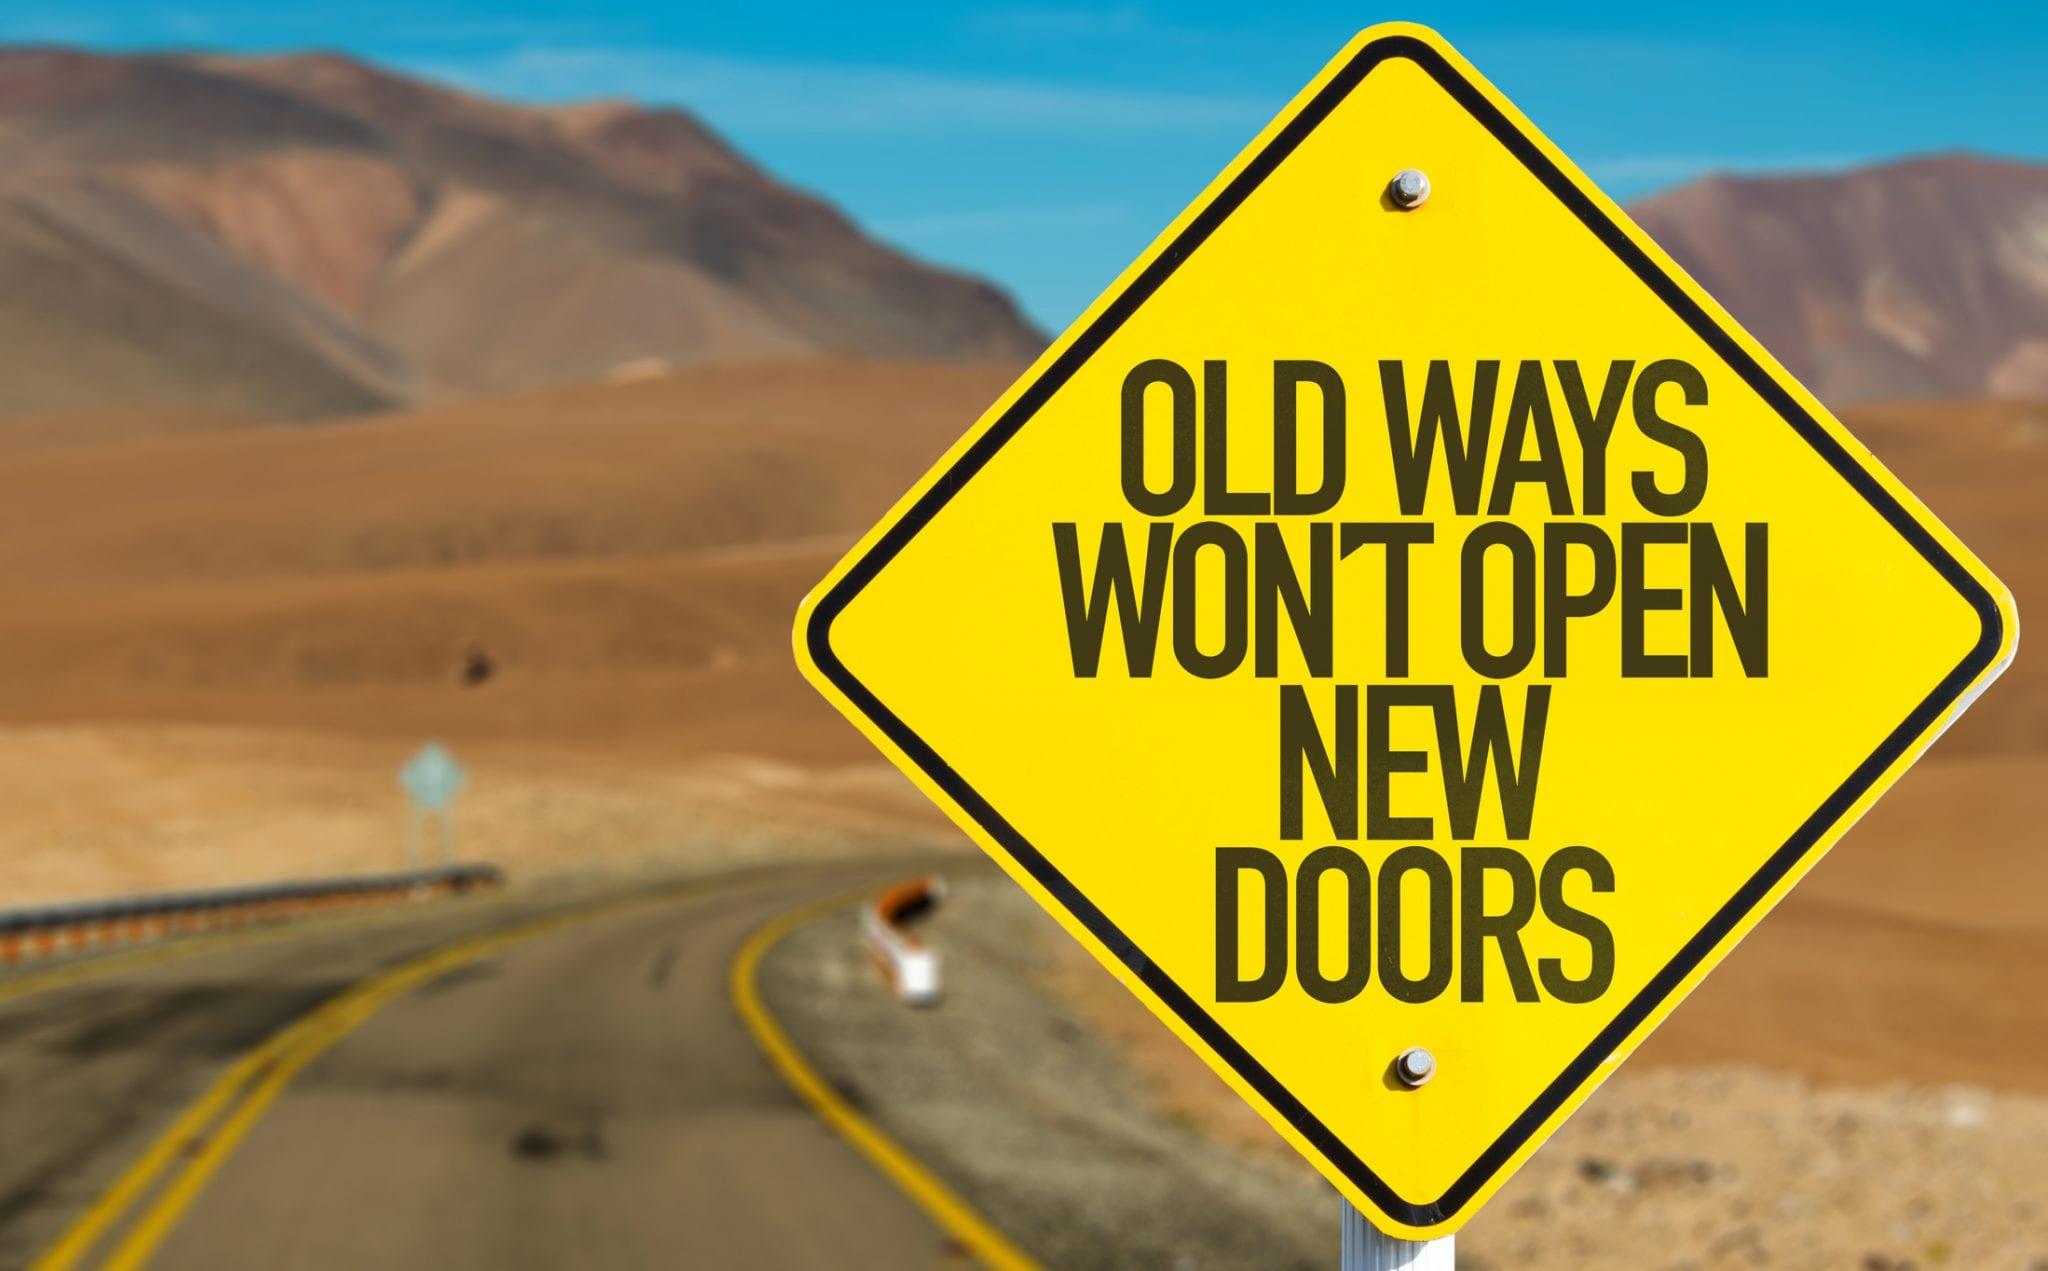 Decisions - Old Ways Wont Open New Doors